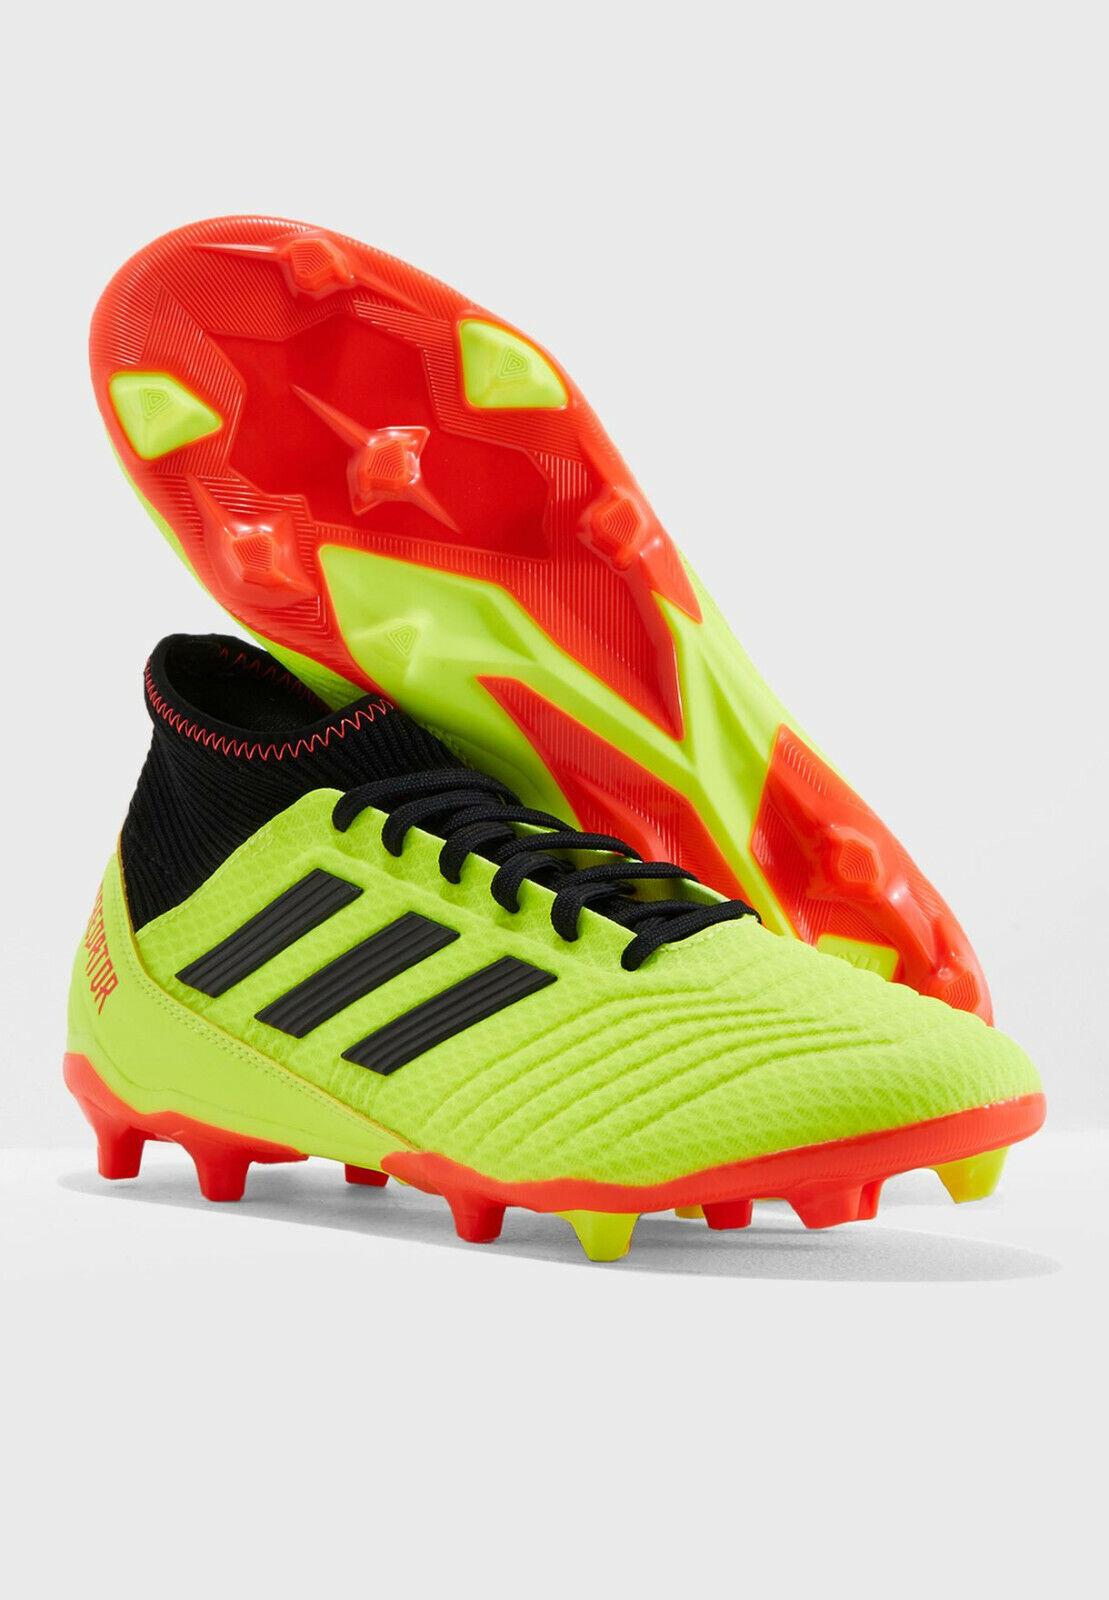 Señores fútbol galerías adidas projoator 18.3 flexible suelo zapatillas amarillo